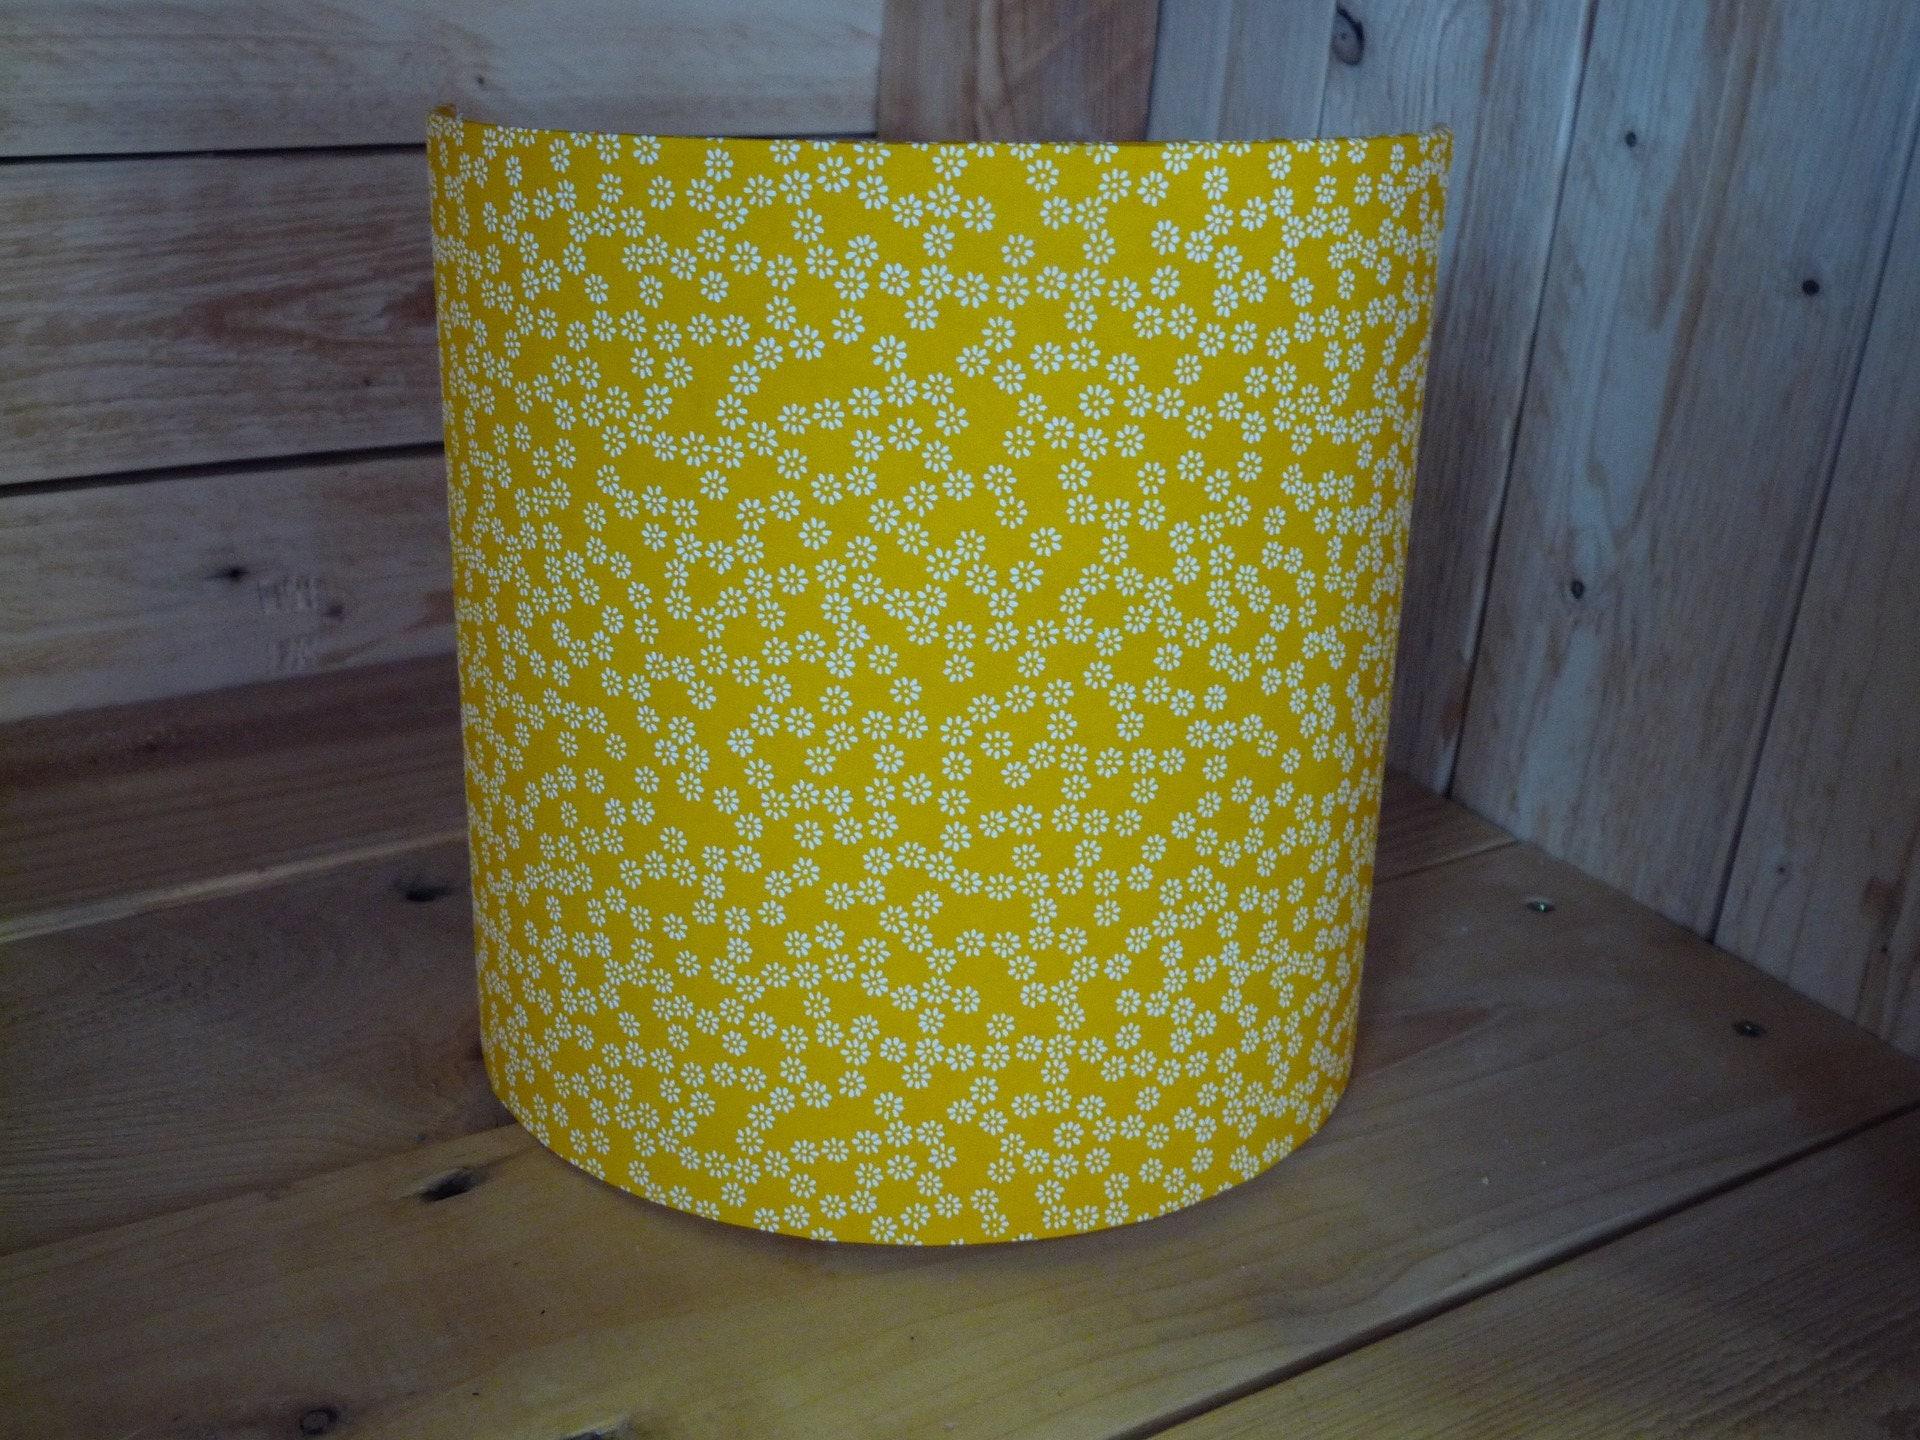 luminaire applique murale papier japonais jaune petite fleurs. Black Bedroom Furniture Sets. Home Design Ideas